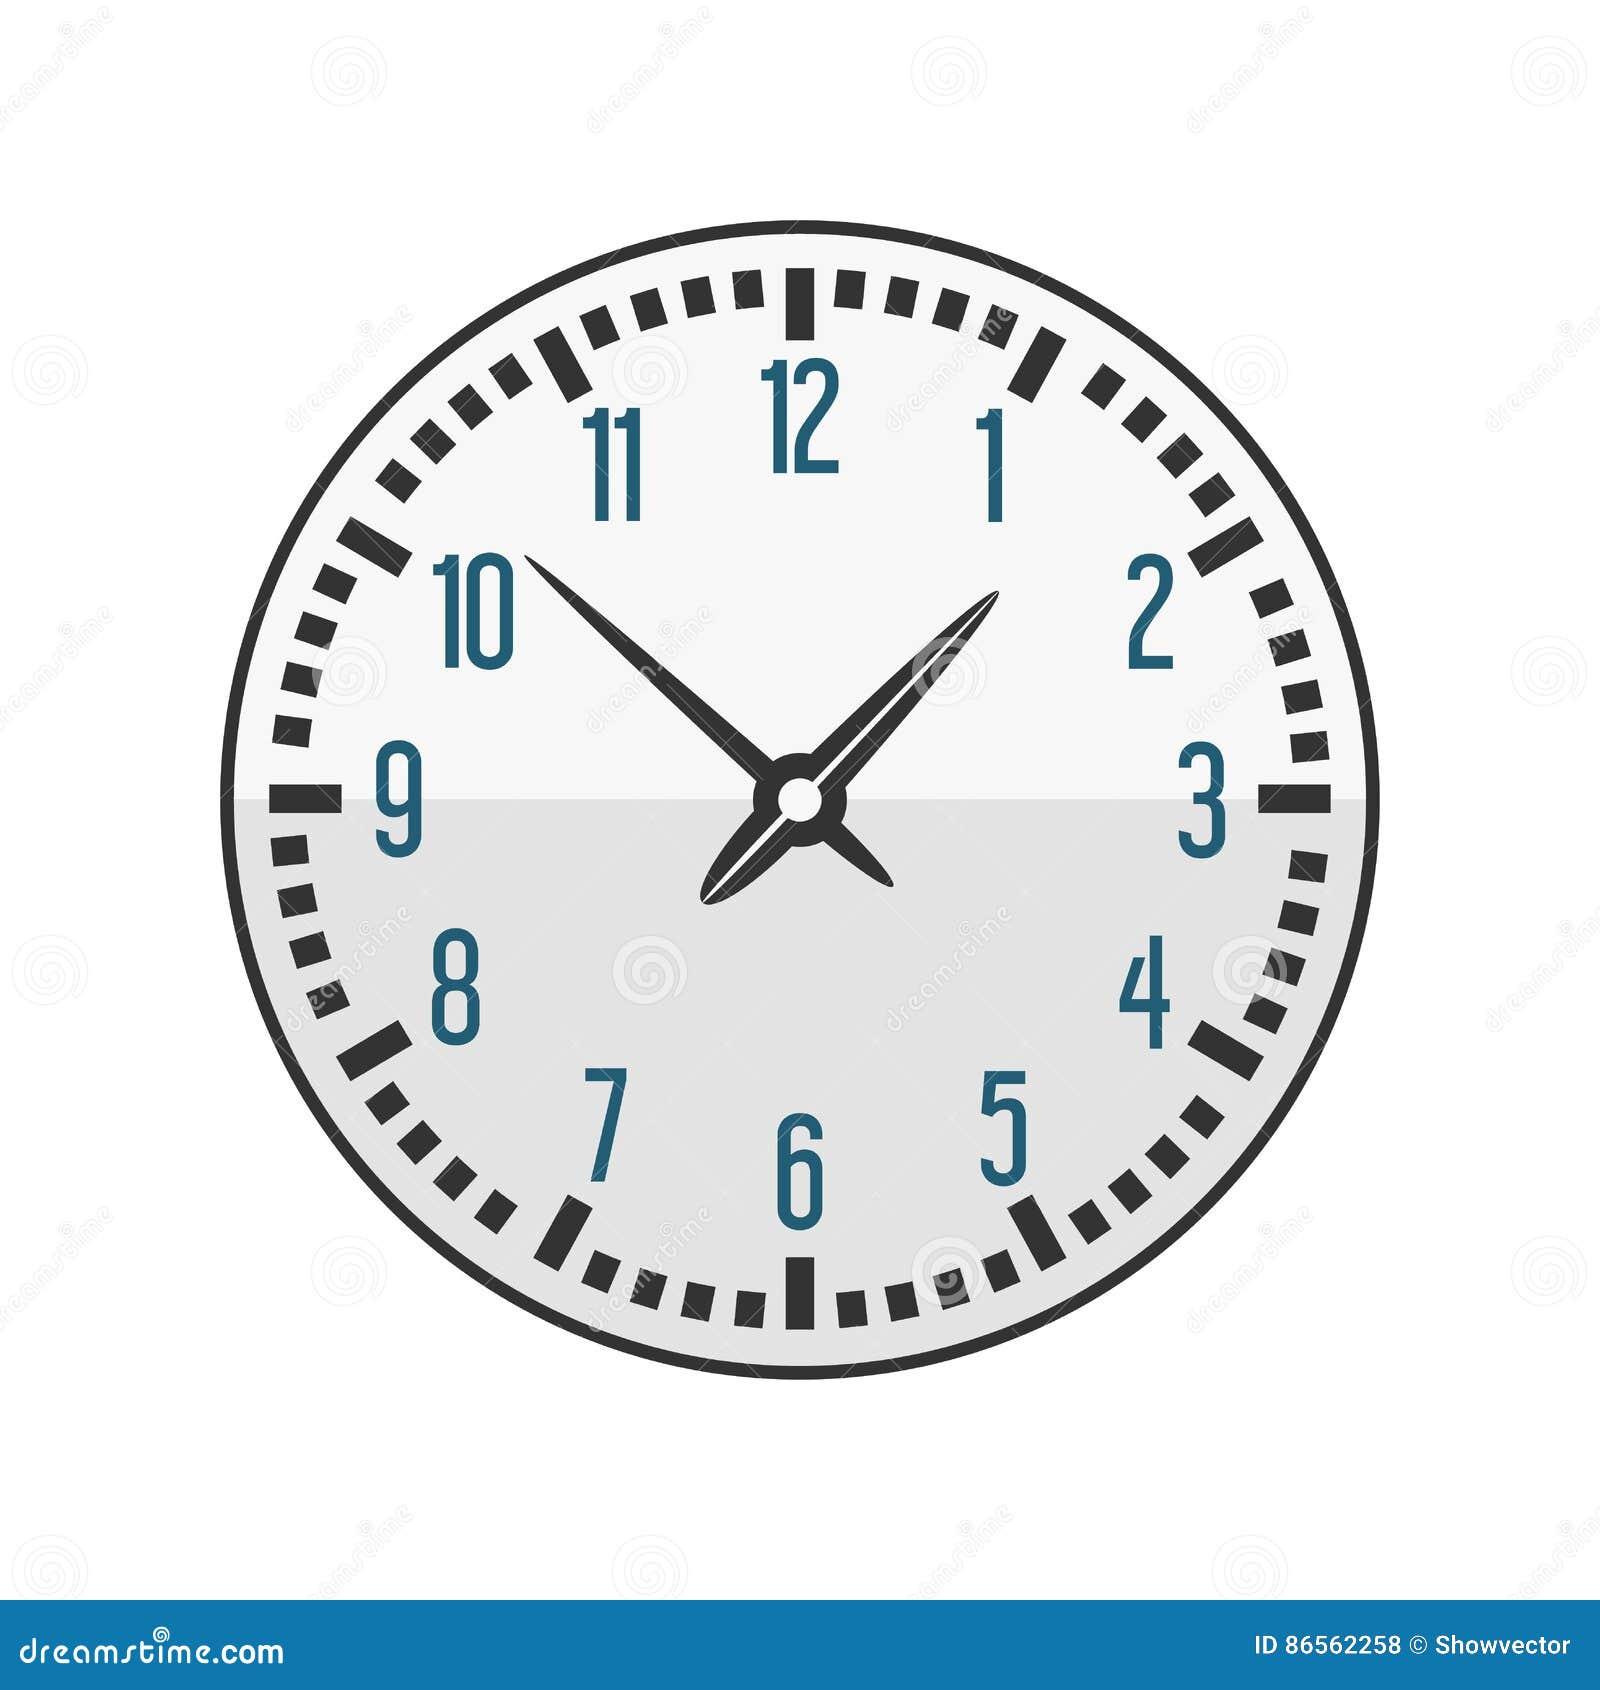 La Pared Contador Muestra Círculo Reloj Con De Del Minuto EWH9D2I